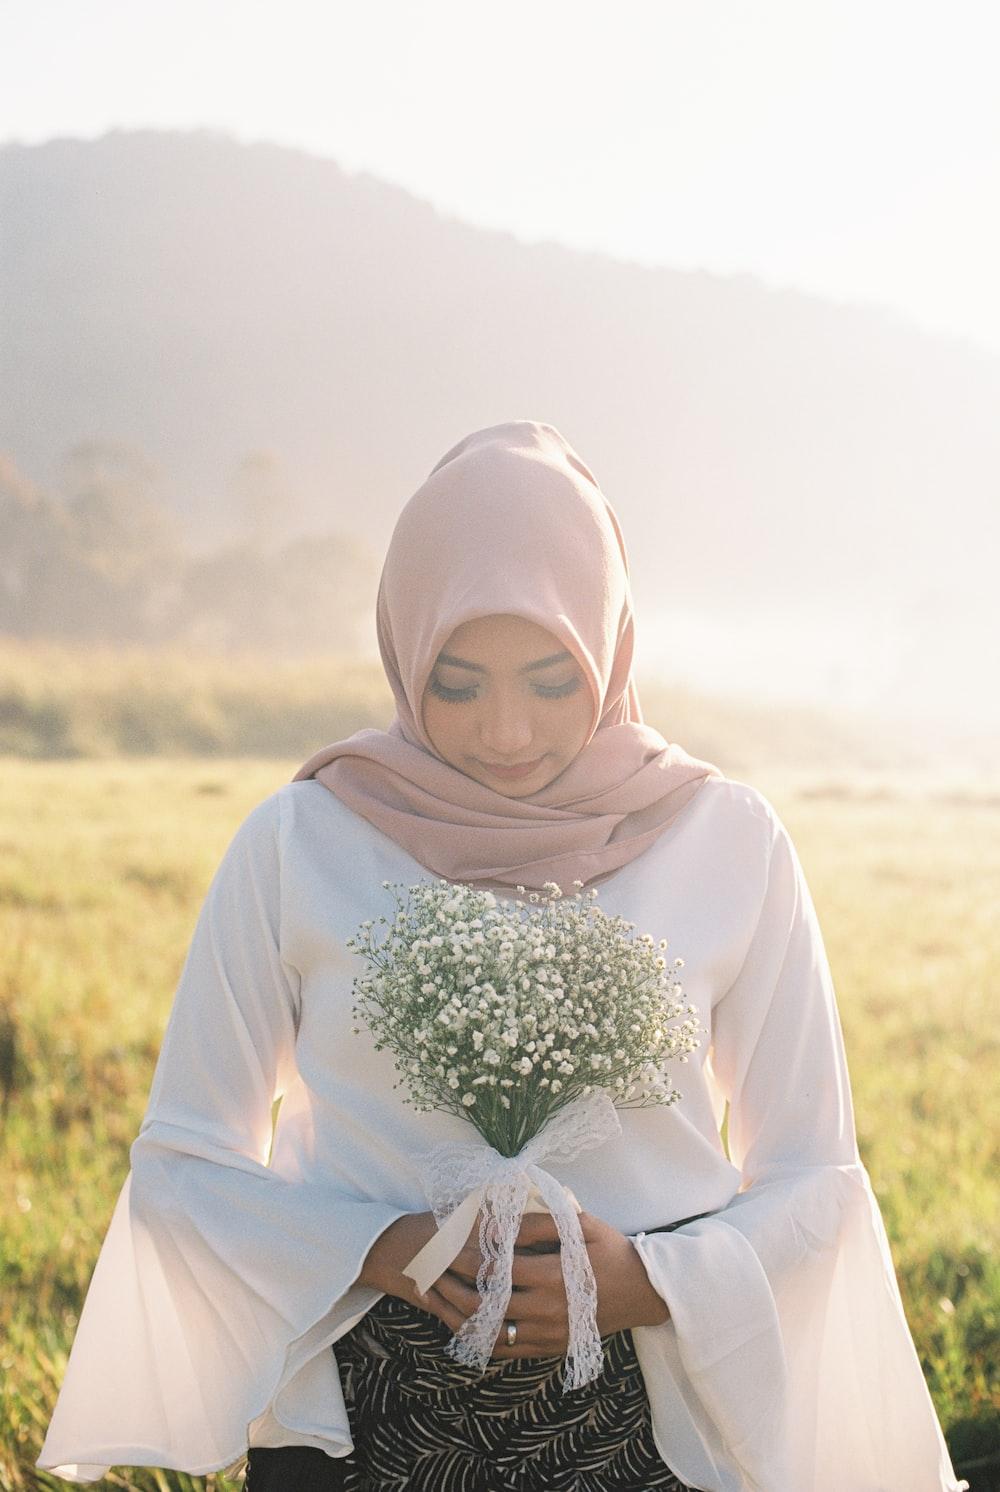 women's white hijab